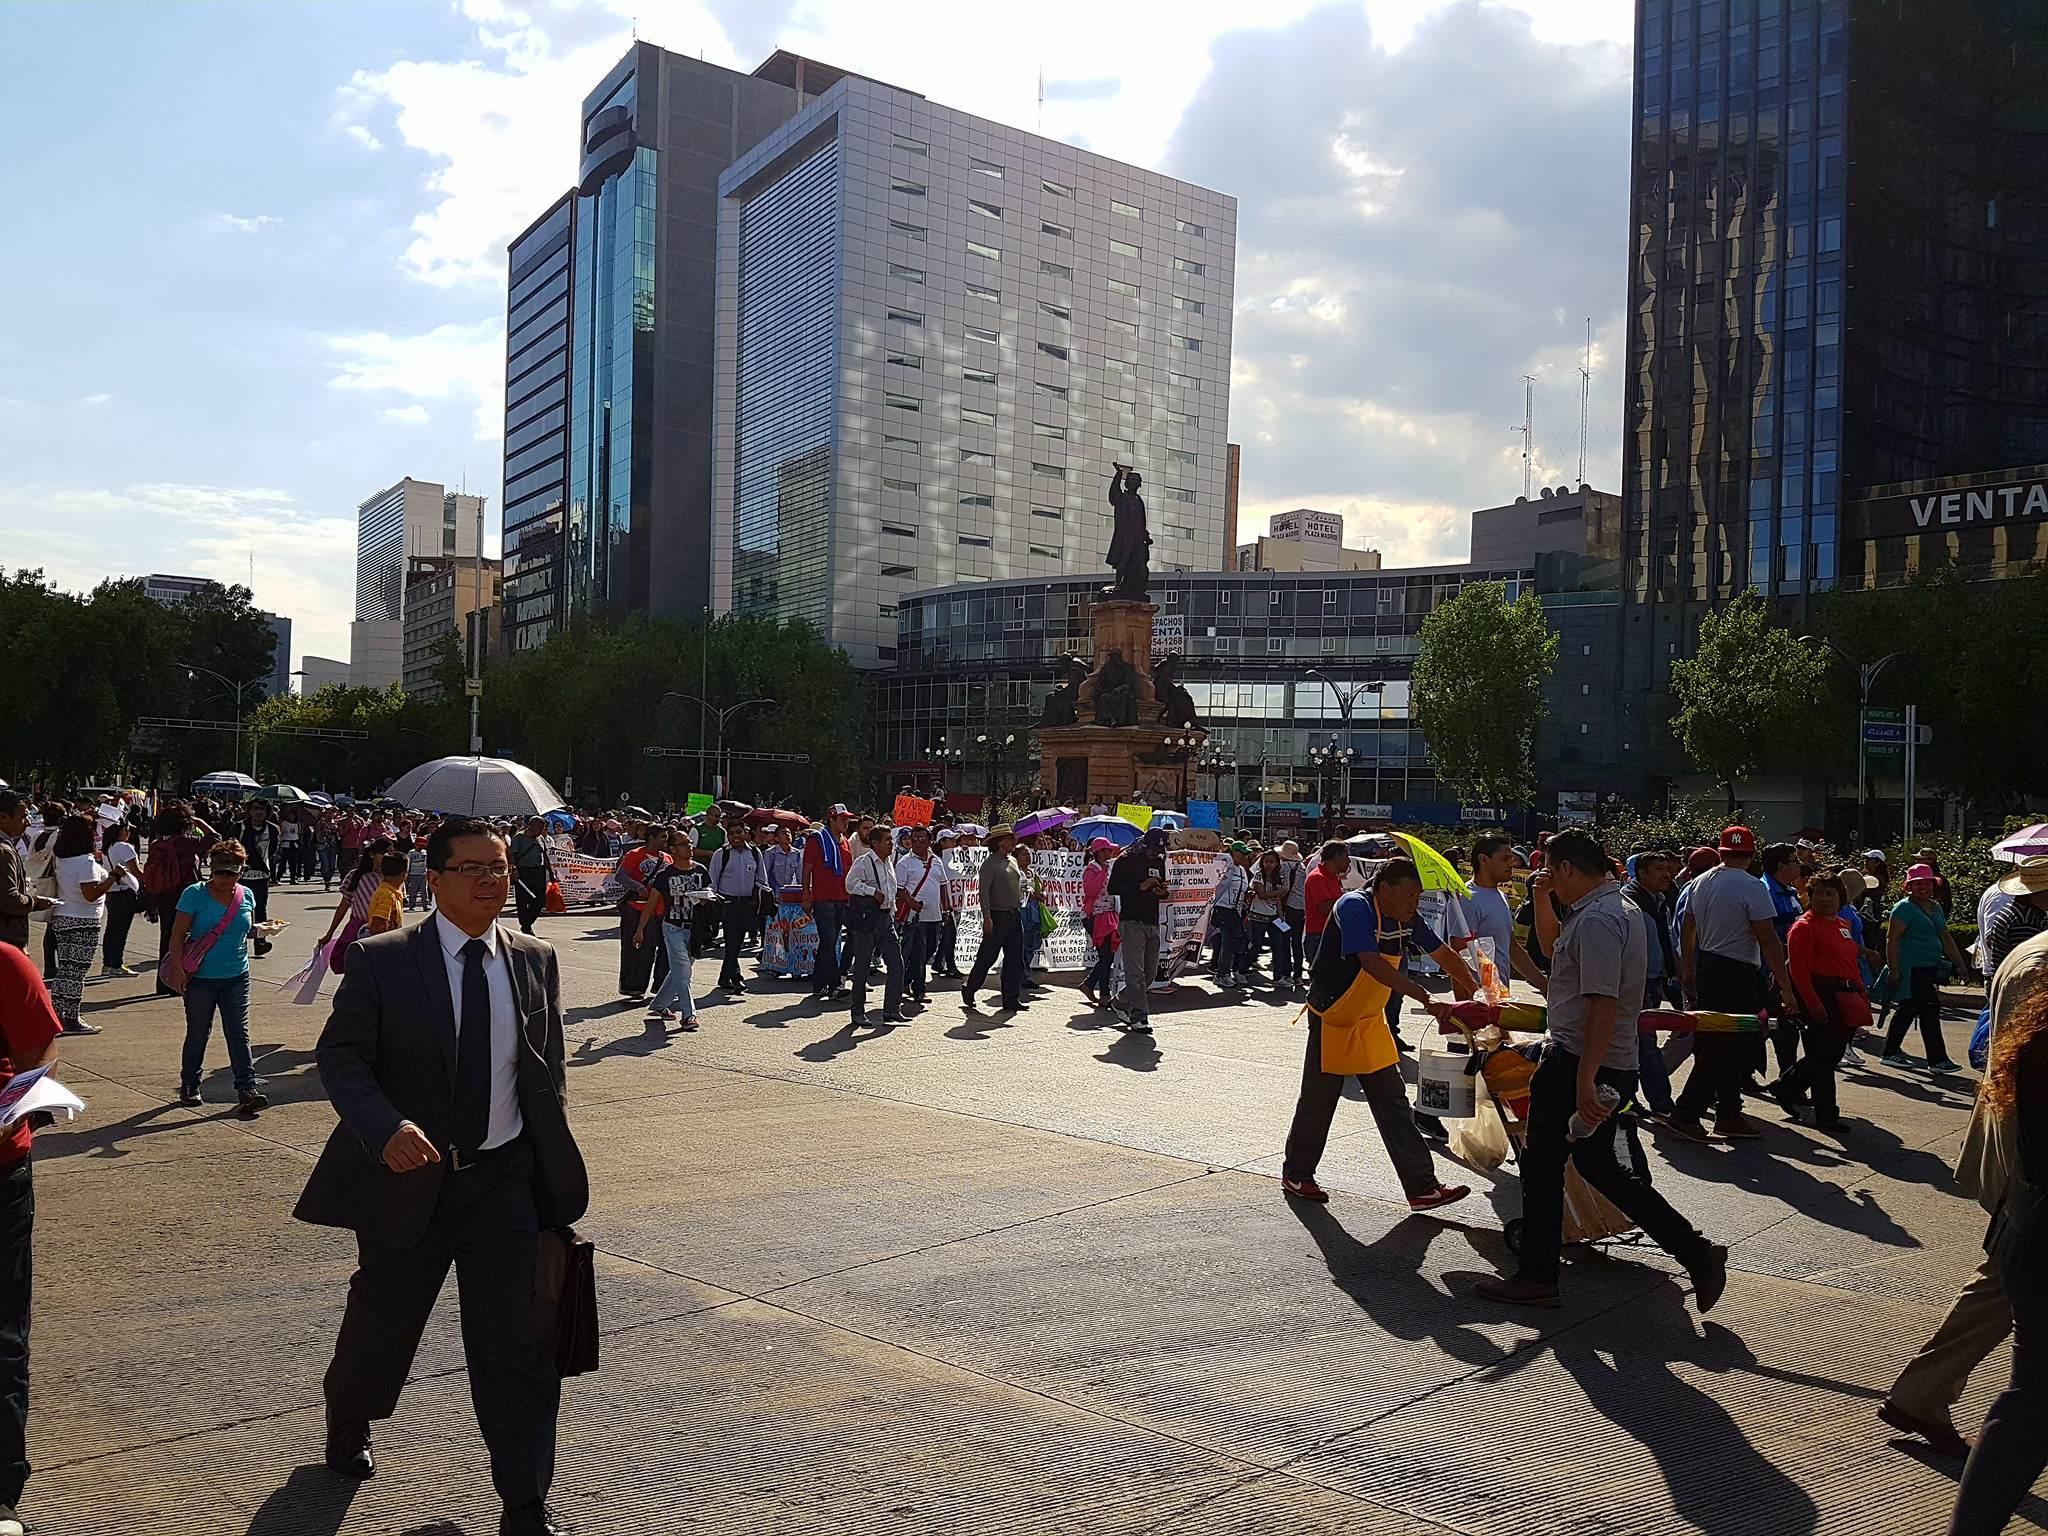 Busy sidewalk in Mexico City